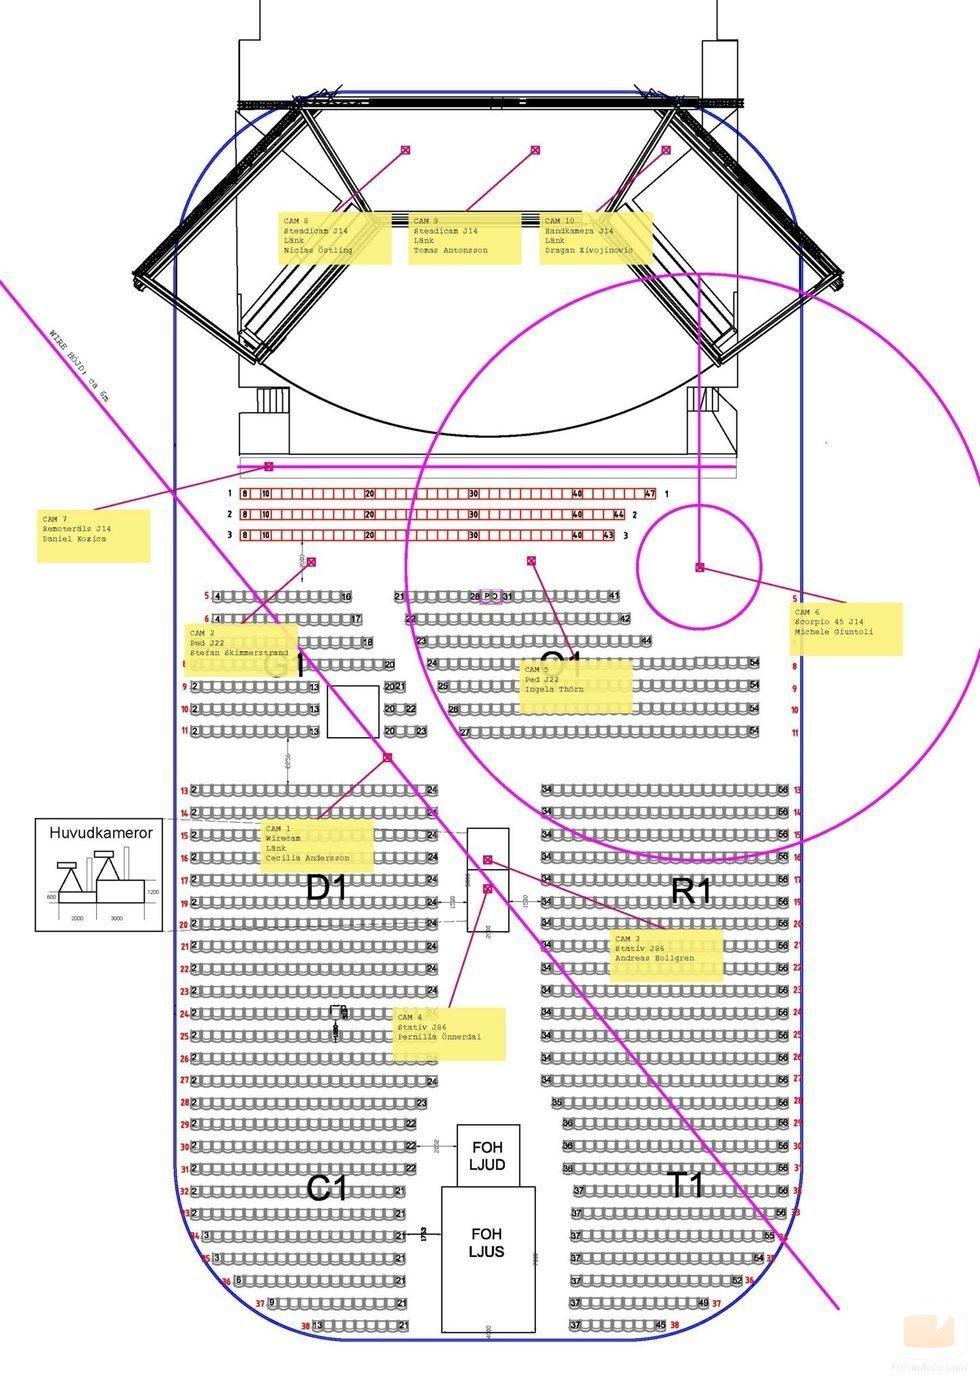 Diseño técnico del escenario del Melodifestivalen 2020